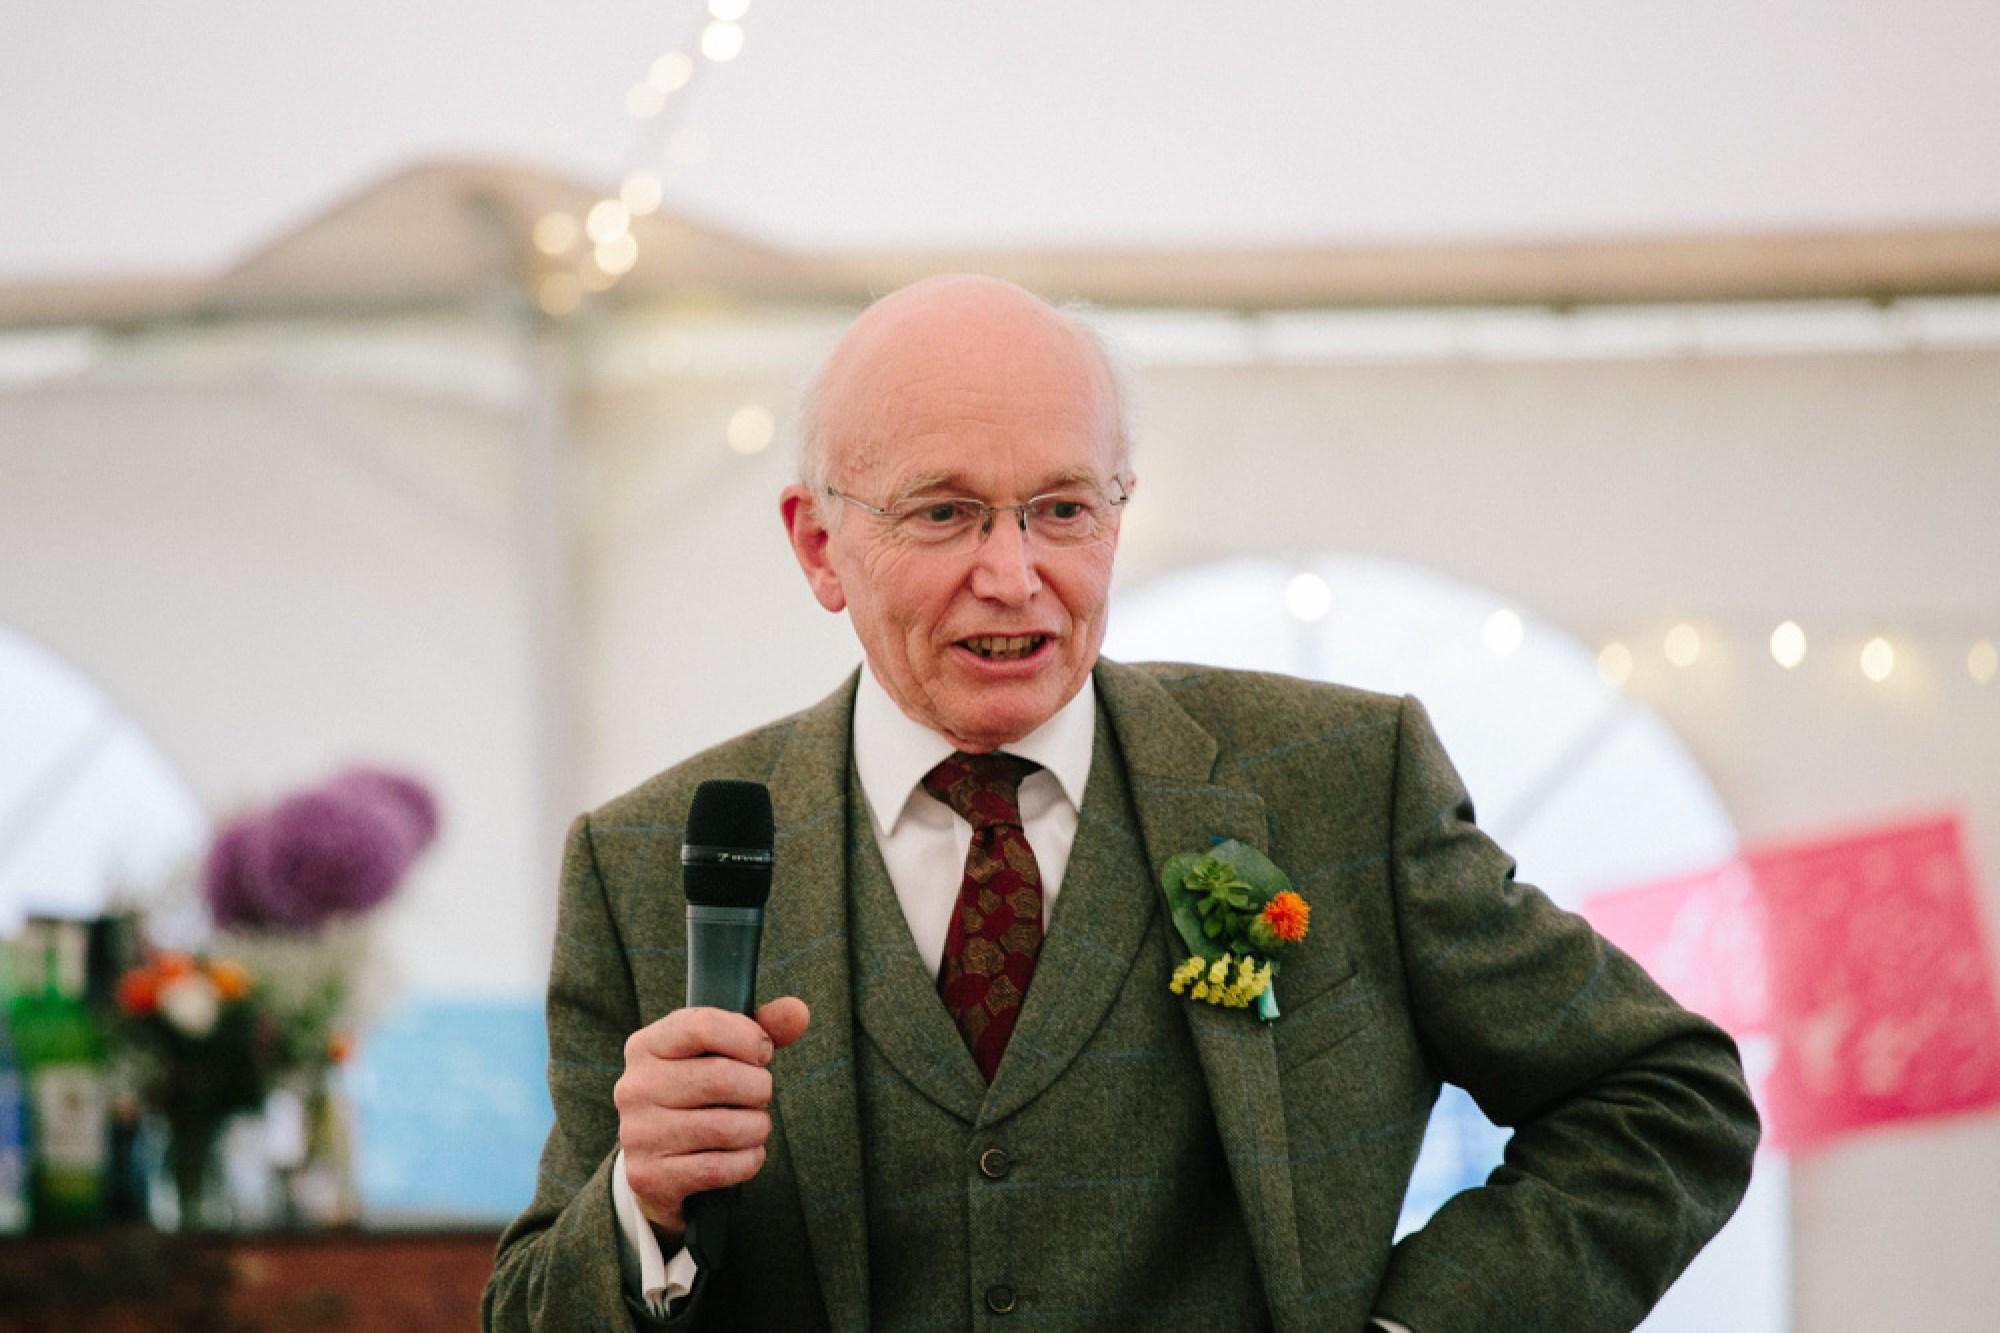 Steve's dad giving speech